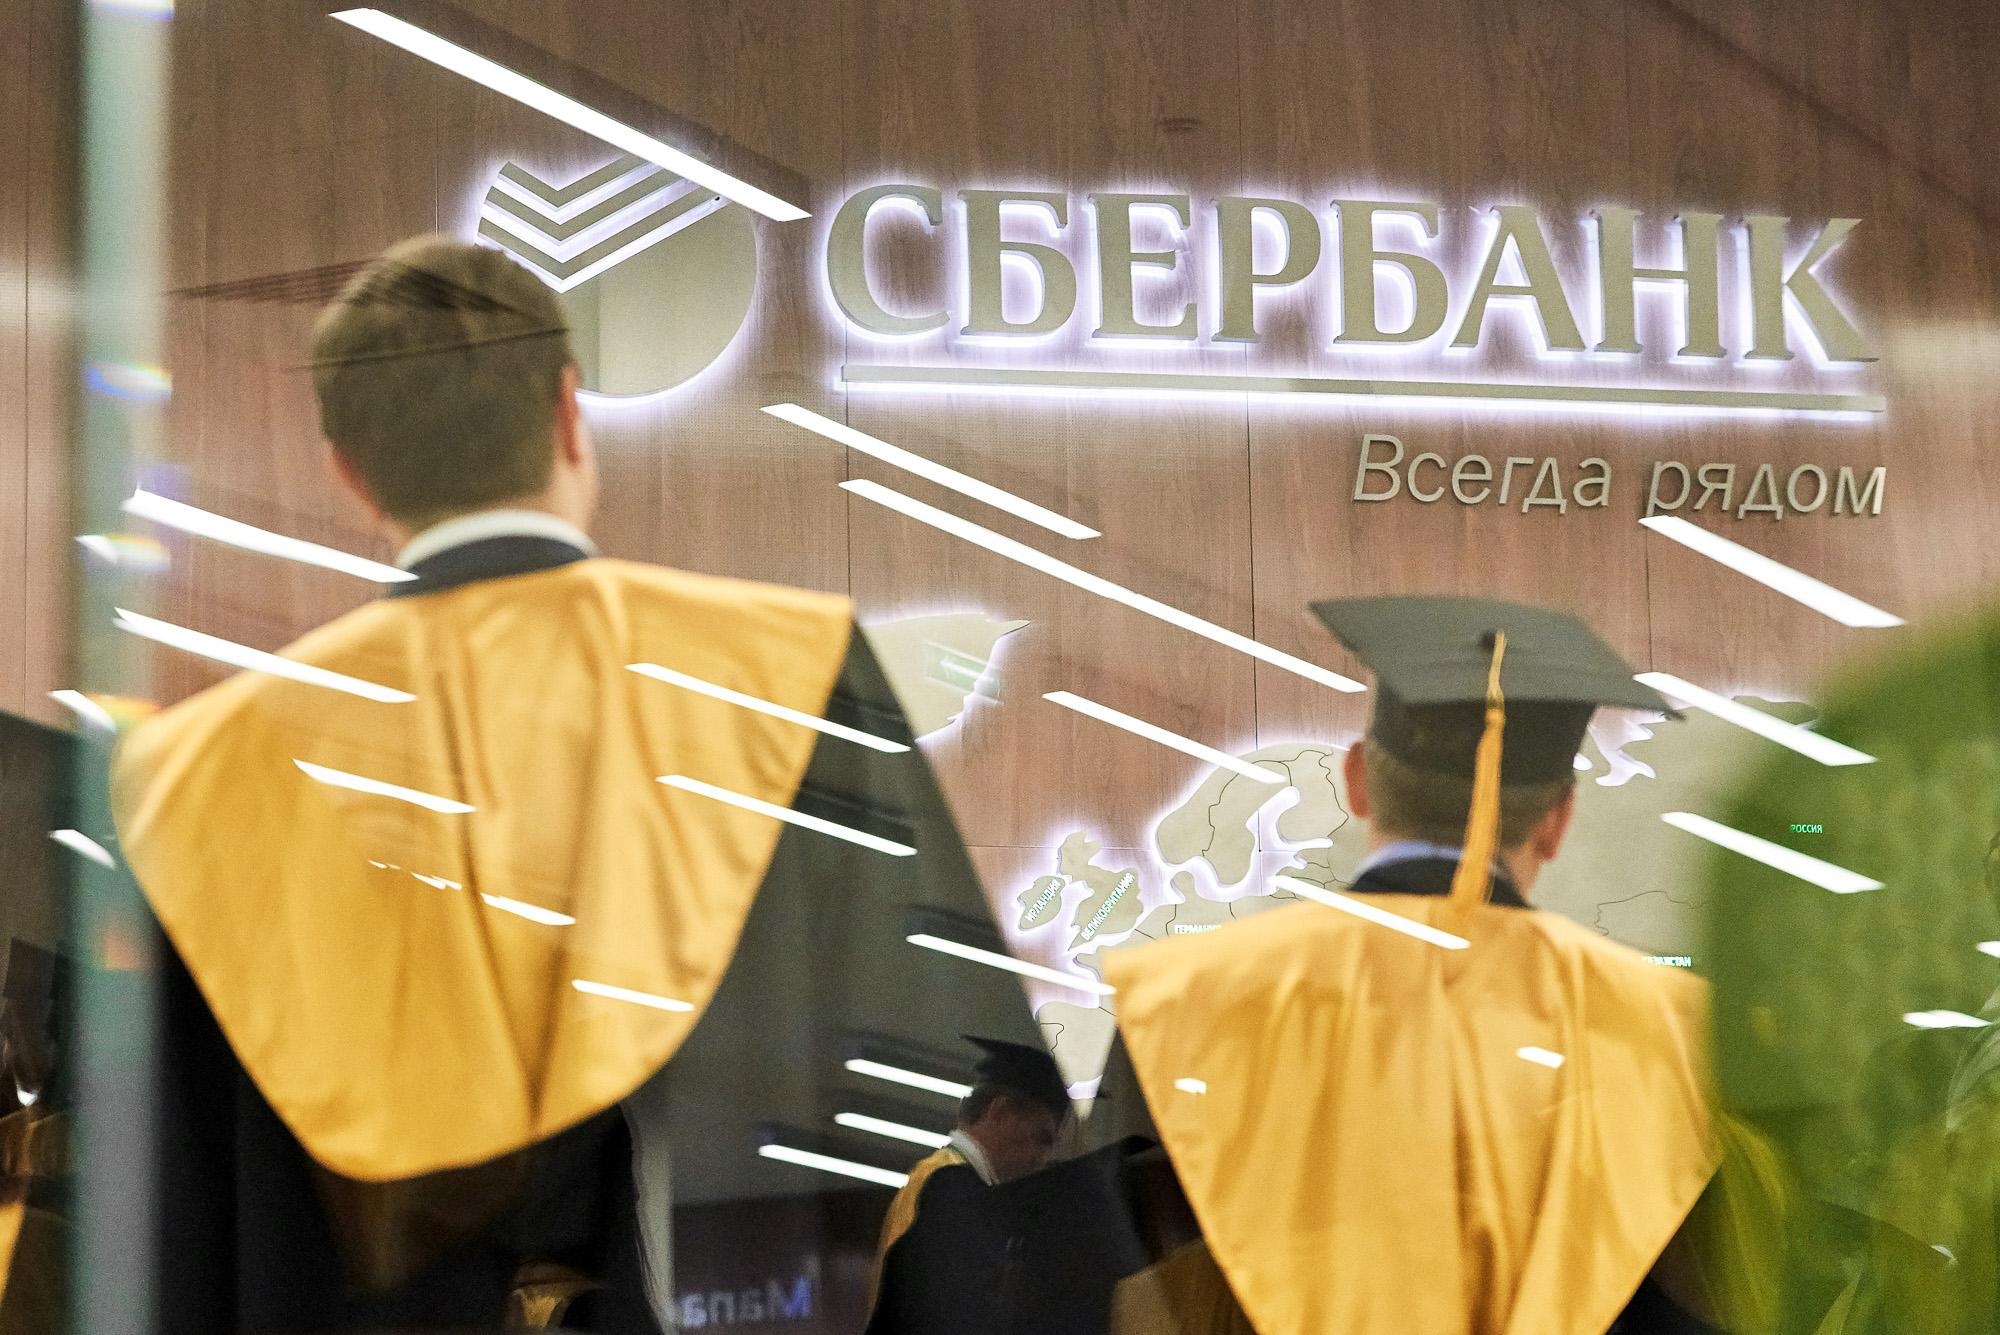 2017 09 29 MBA Лепехин 303